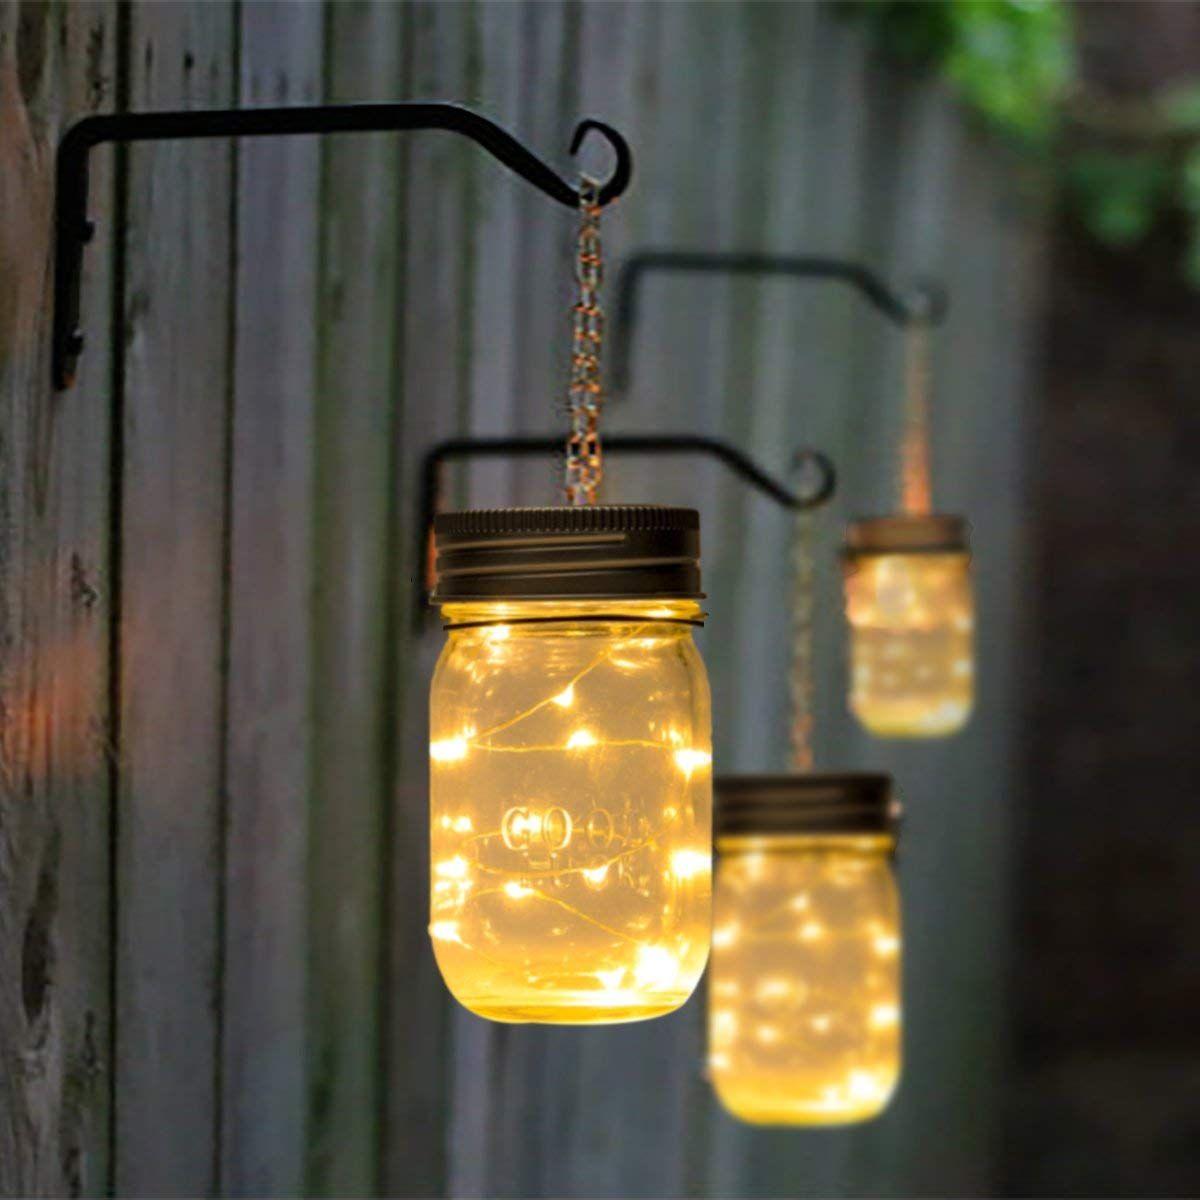 Gigalumi Solar Mason Jar Licht 1 Stuck 15 Led Wasserdicht Solar Einmachglas Fur Aussen Warmweiss Garten Hang In 2020 Solarleuchten Garten Solar Hangelampen Solarleuchten